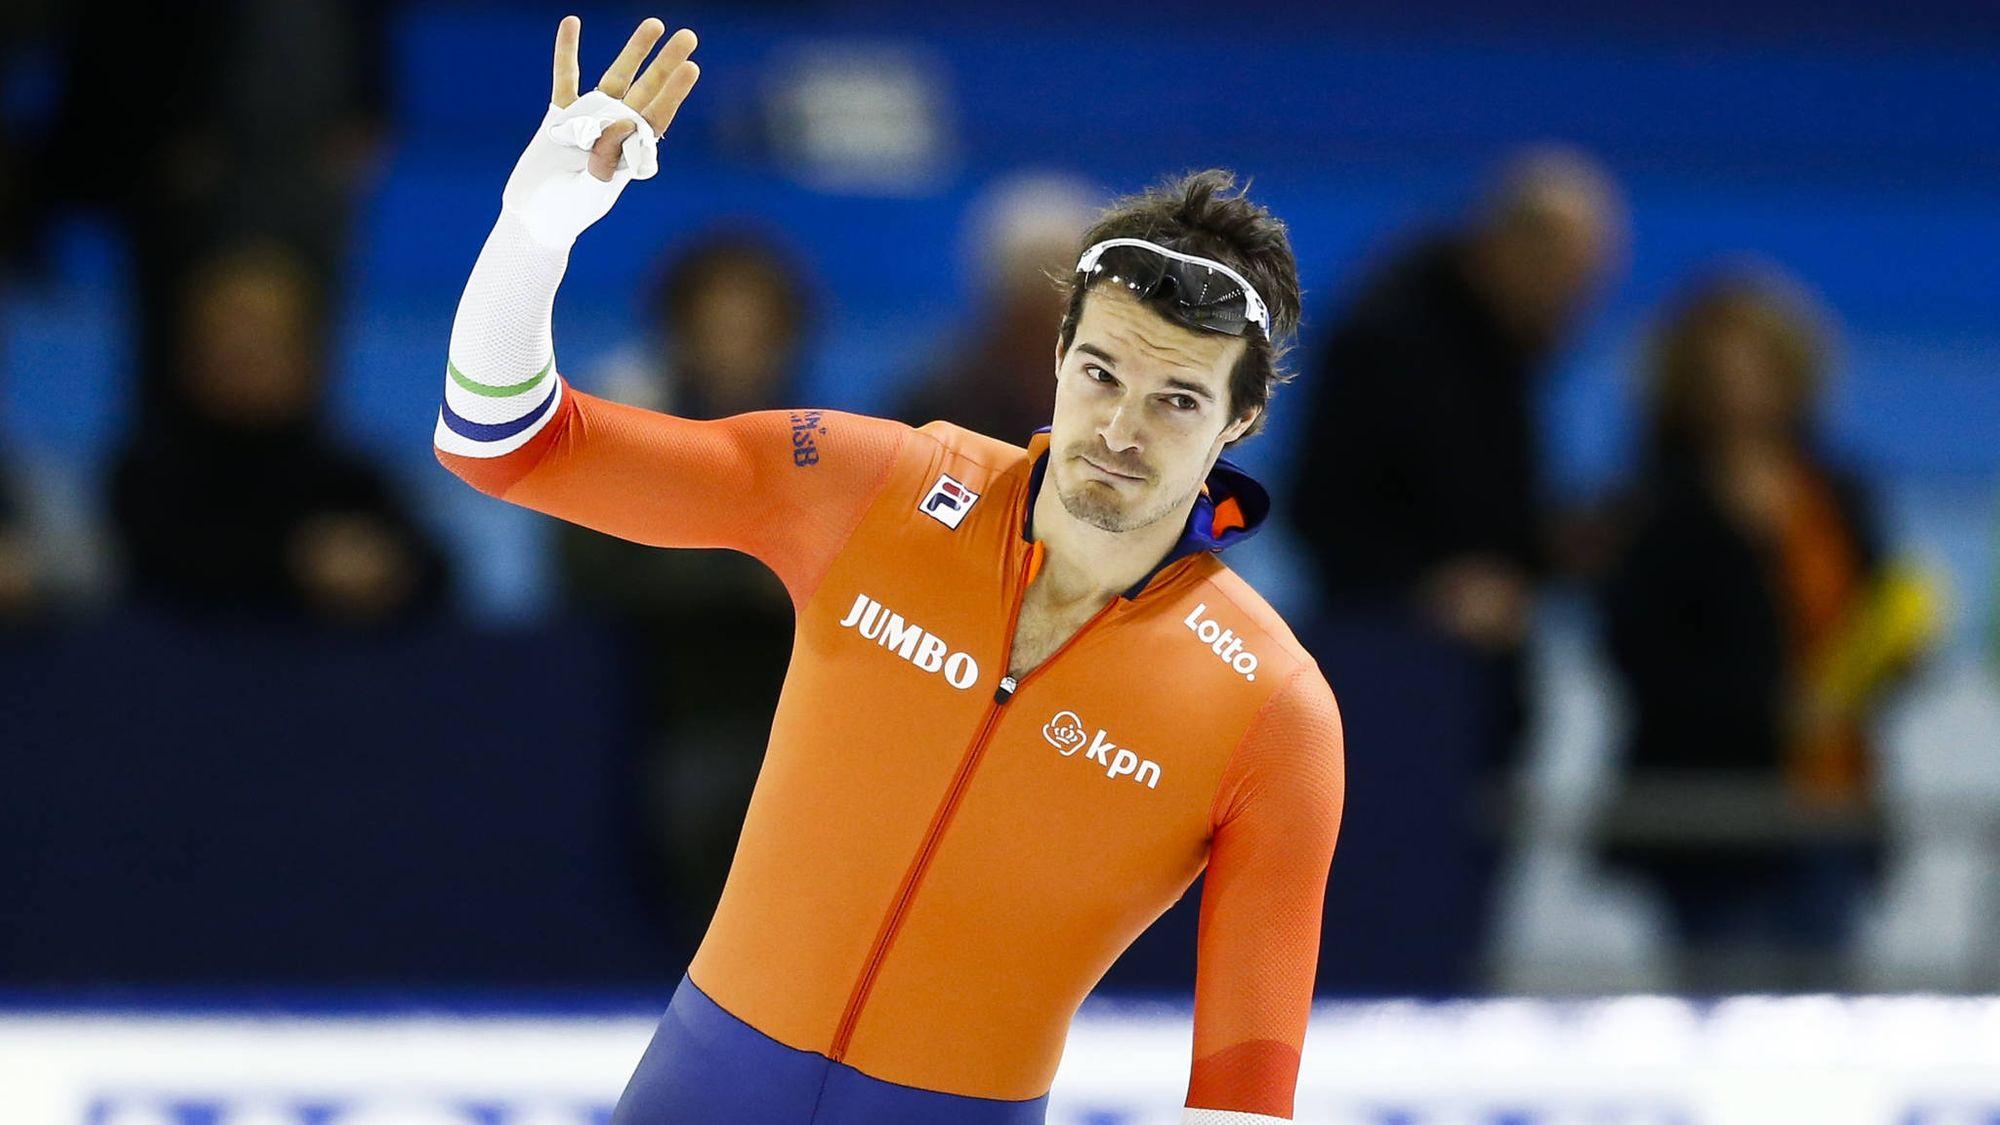 Оттерспер, спорт, конькобежец